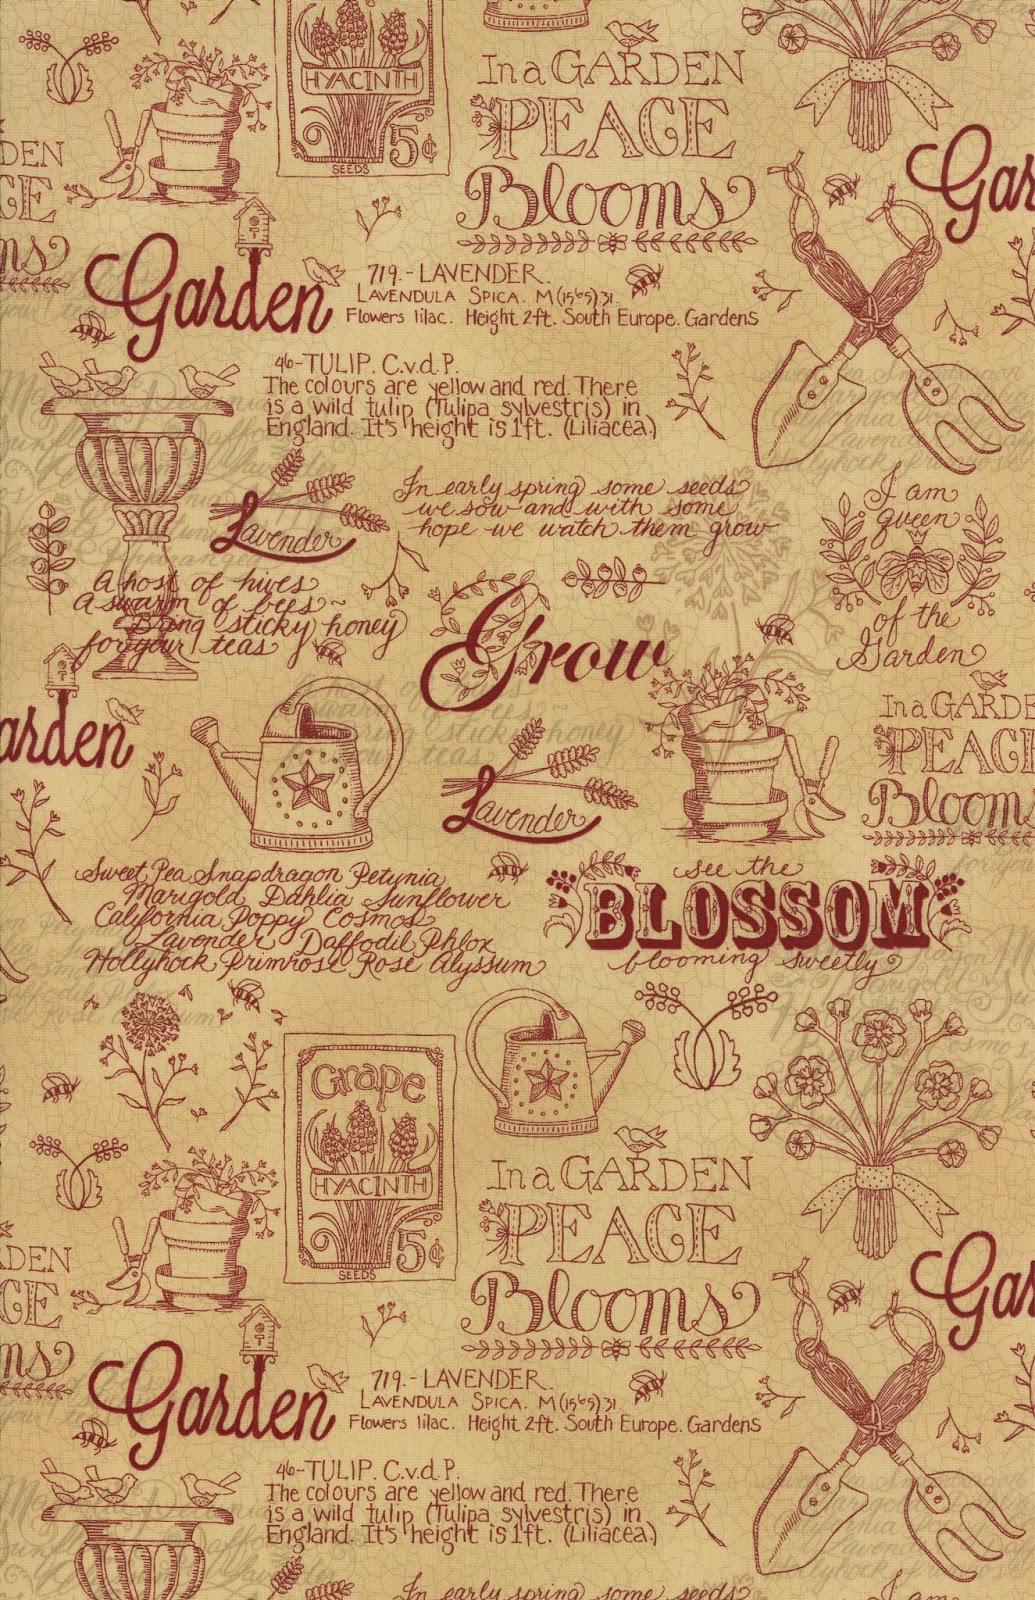 http://2.bp.blogspot.com/-oQSJreRvka4/U30mbAgbkRI/AAAAAAAAB5k/zdb1BEsKZvU/s1600/6060+11+wheat.jpg